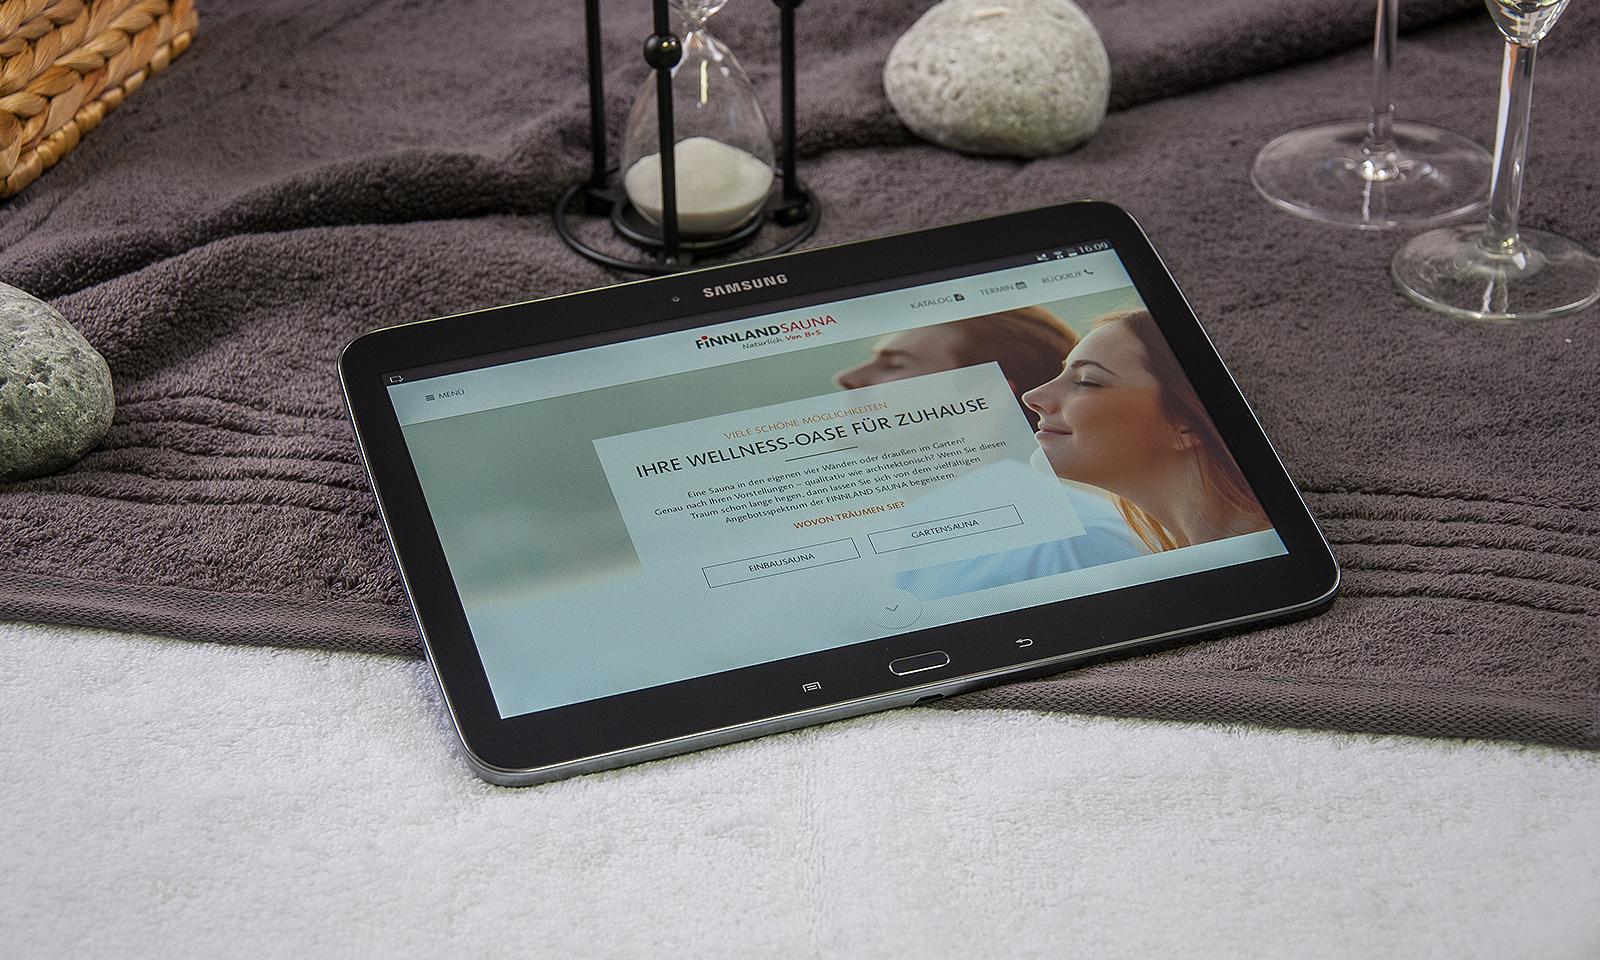 finnland sauna relauncht ihren webauftritt agentur3b gmbh. Black Bedroom Furniture Sets. Home Design Ideas